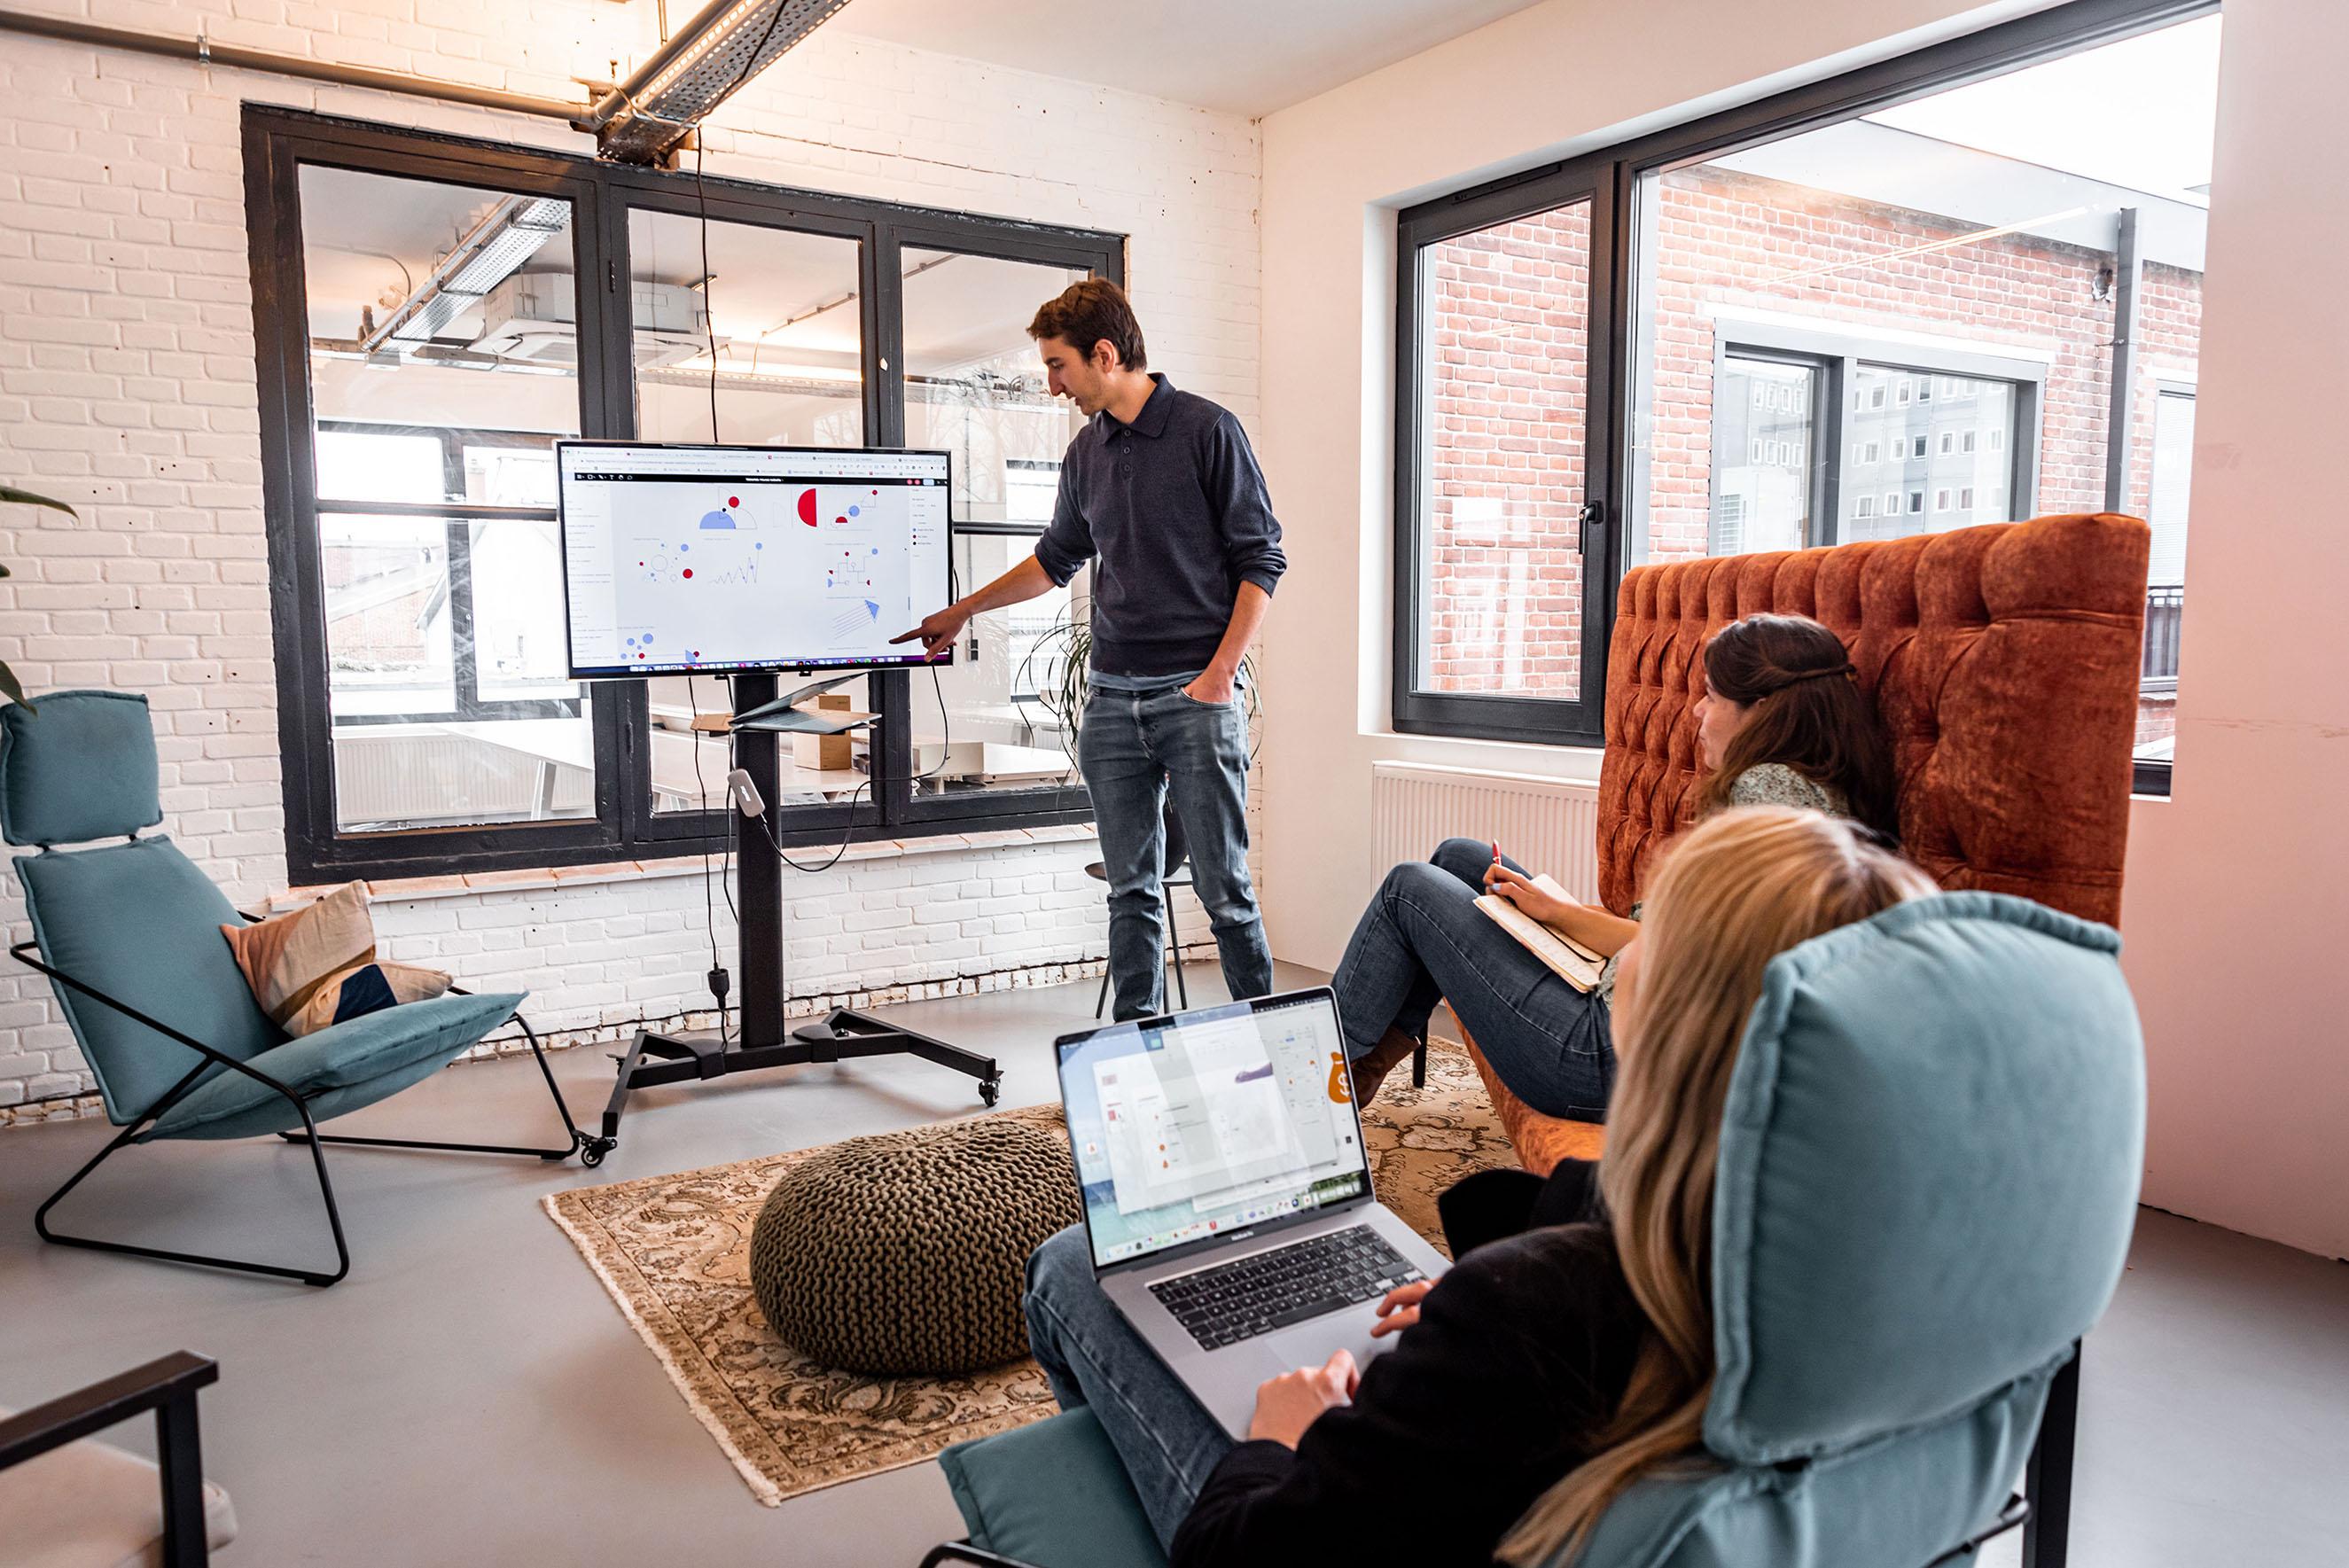 Makerlab, collega Jip legt iets uit aan de hand van een scherm